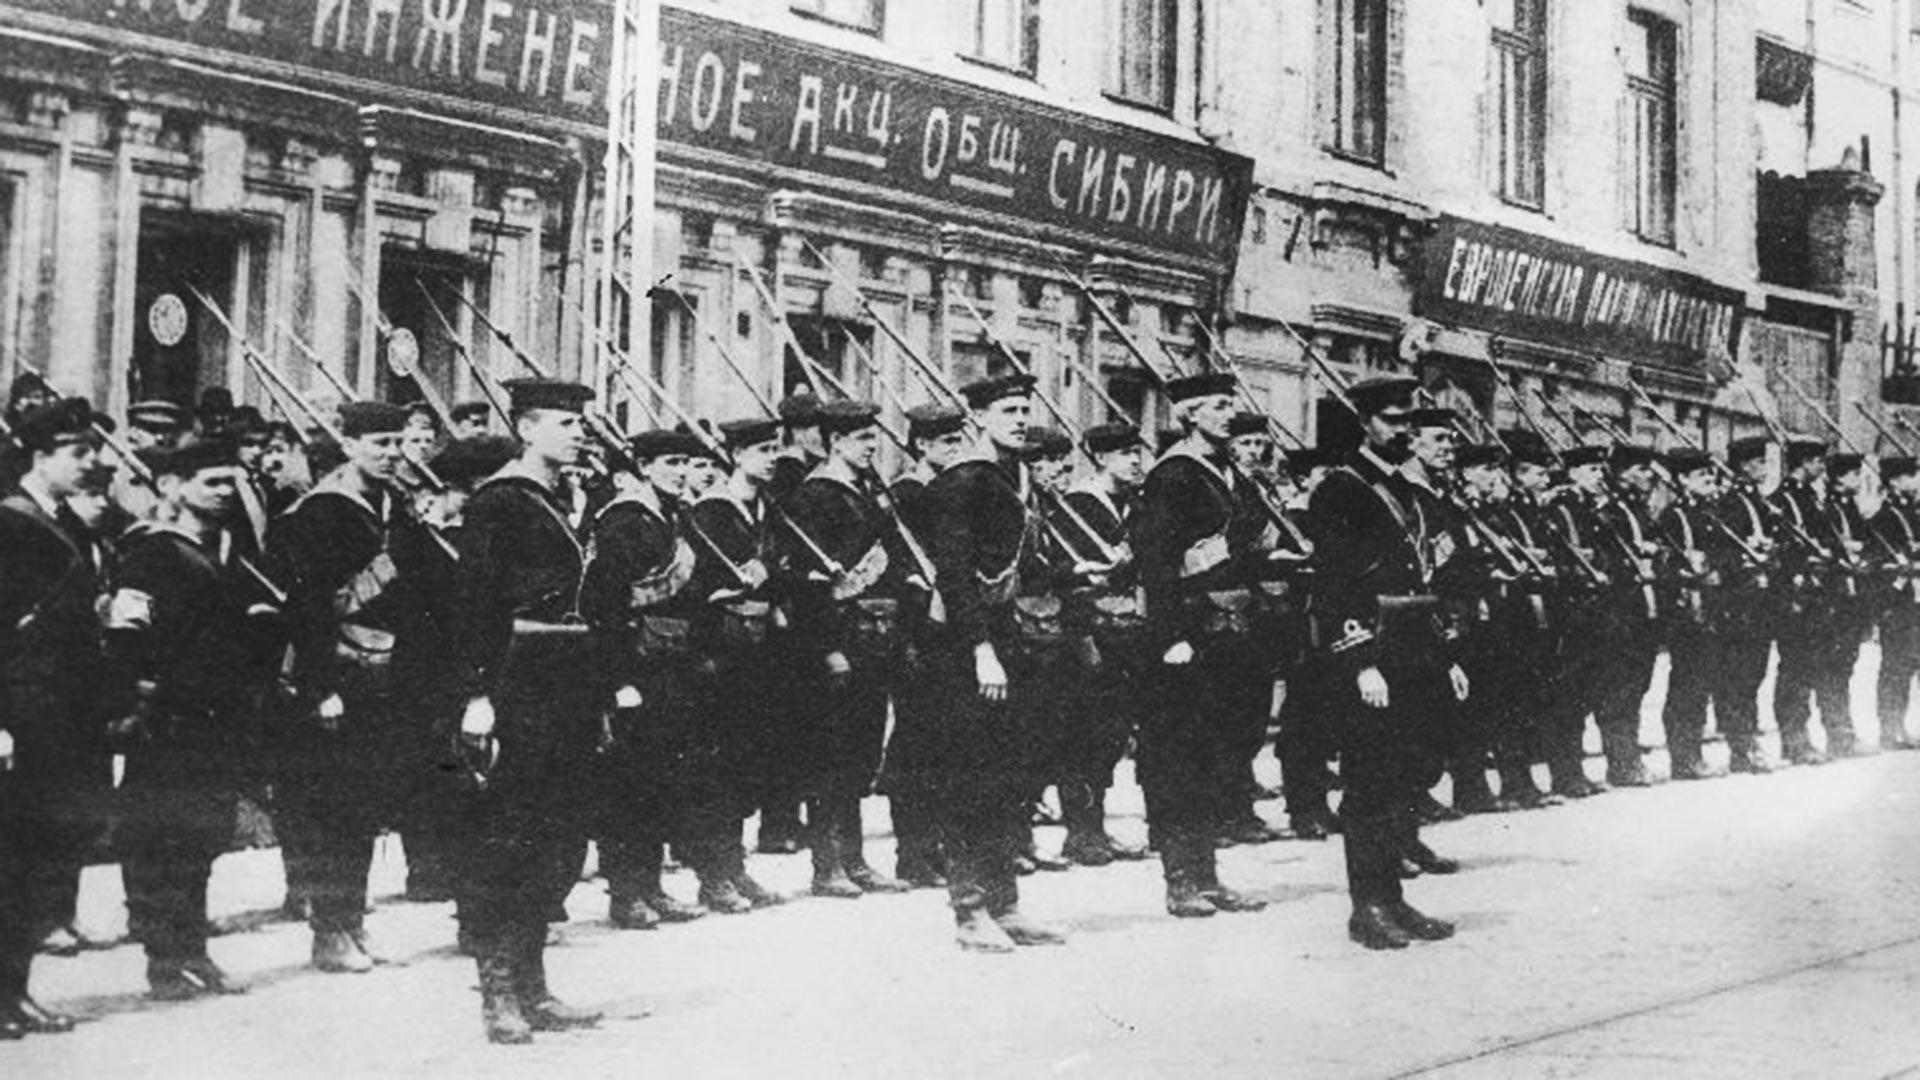 Britische Landung vor dem Konsulat während einer ausländischen Militärintervention.